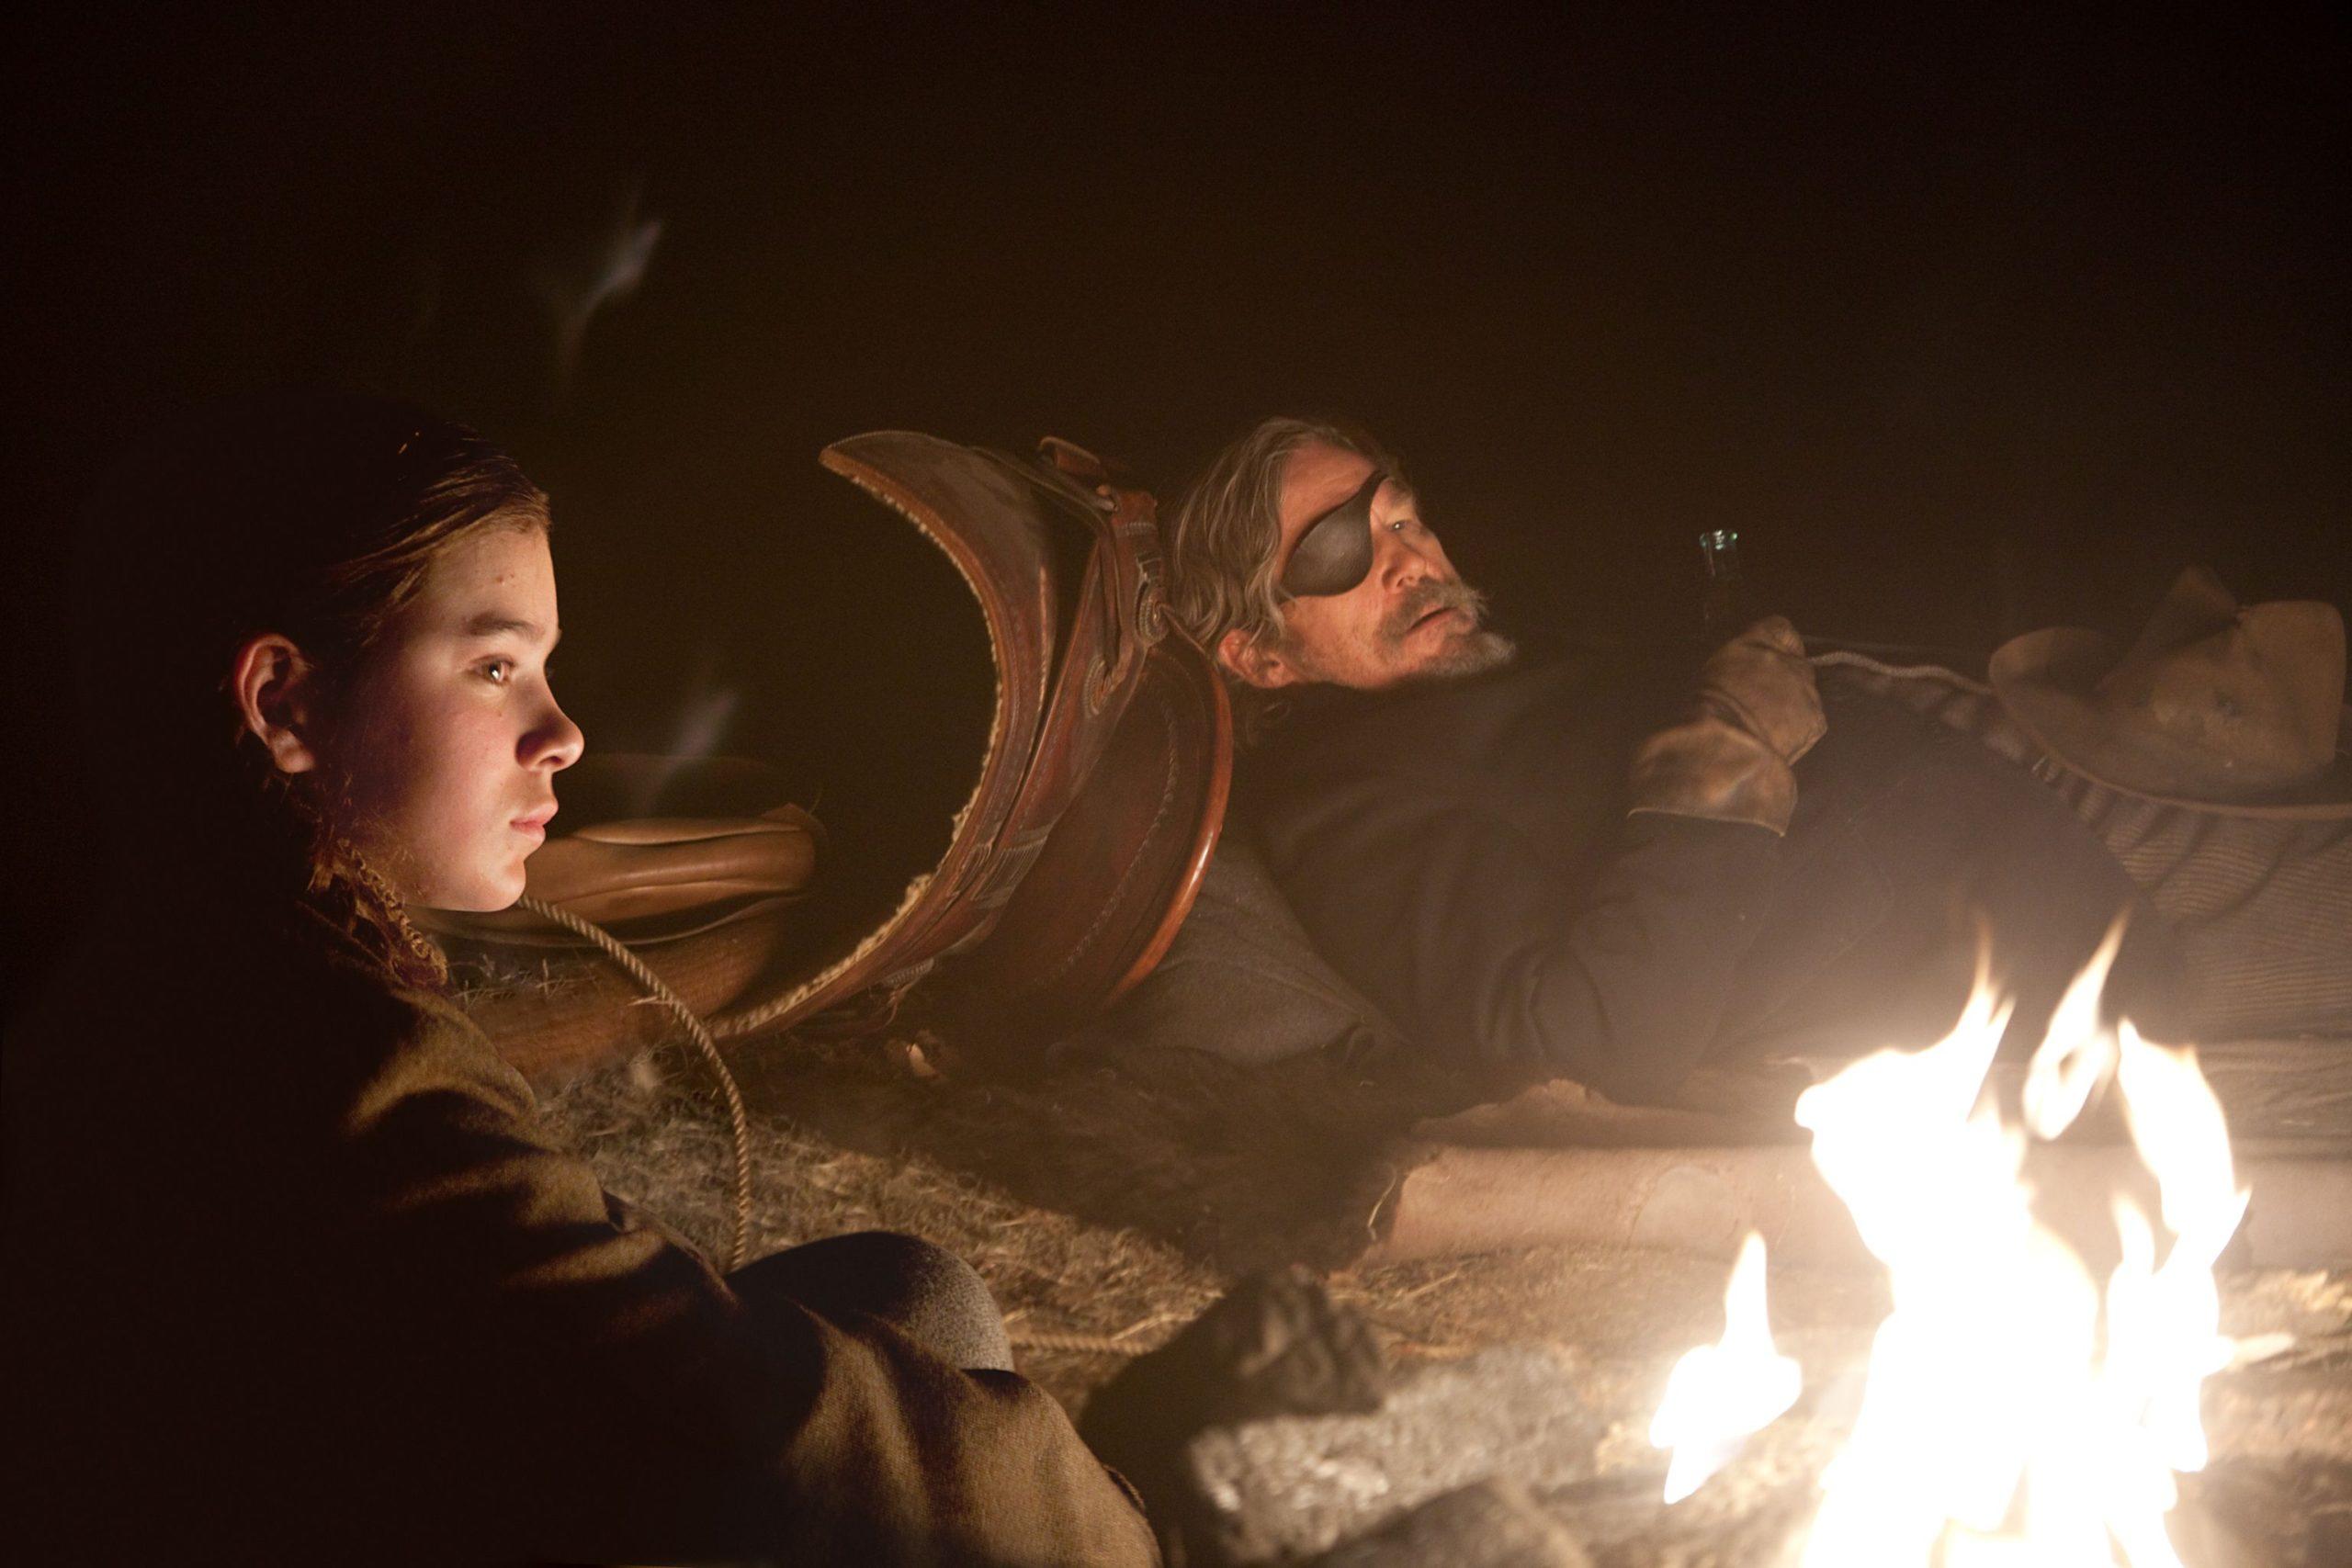 A imagem mostra uma garotinha e um homem usando tapa-olho em volta de uma fogueira. Eles estão olhando ambos para a frente. O homem está deitado. É noite.